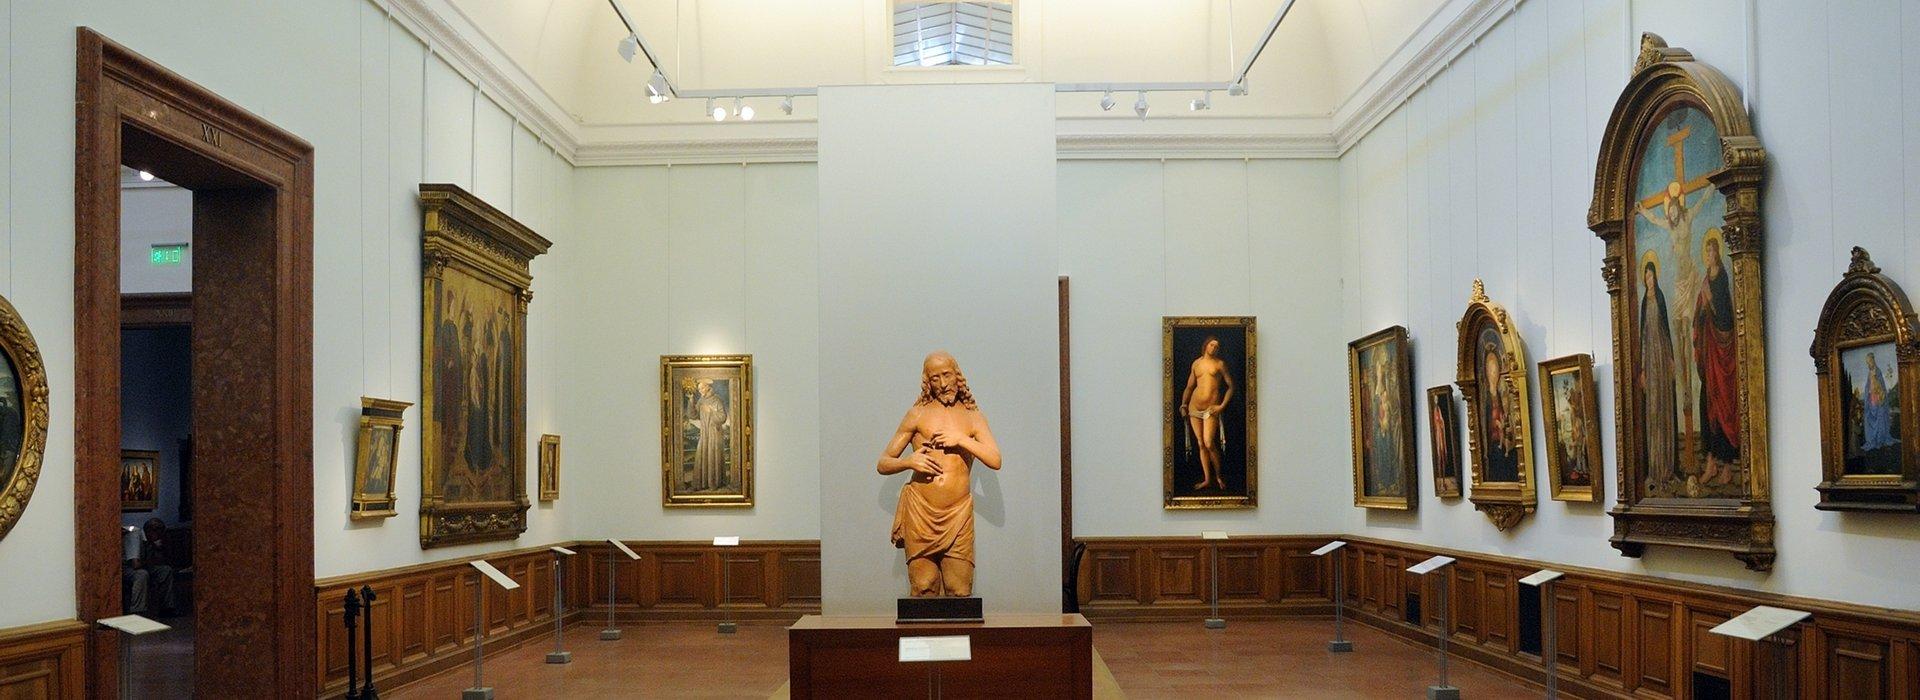 Galéria és Kiállítóterem Budapesten - Kiállítások